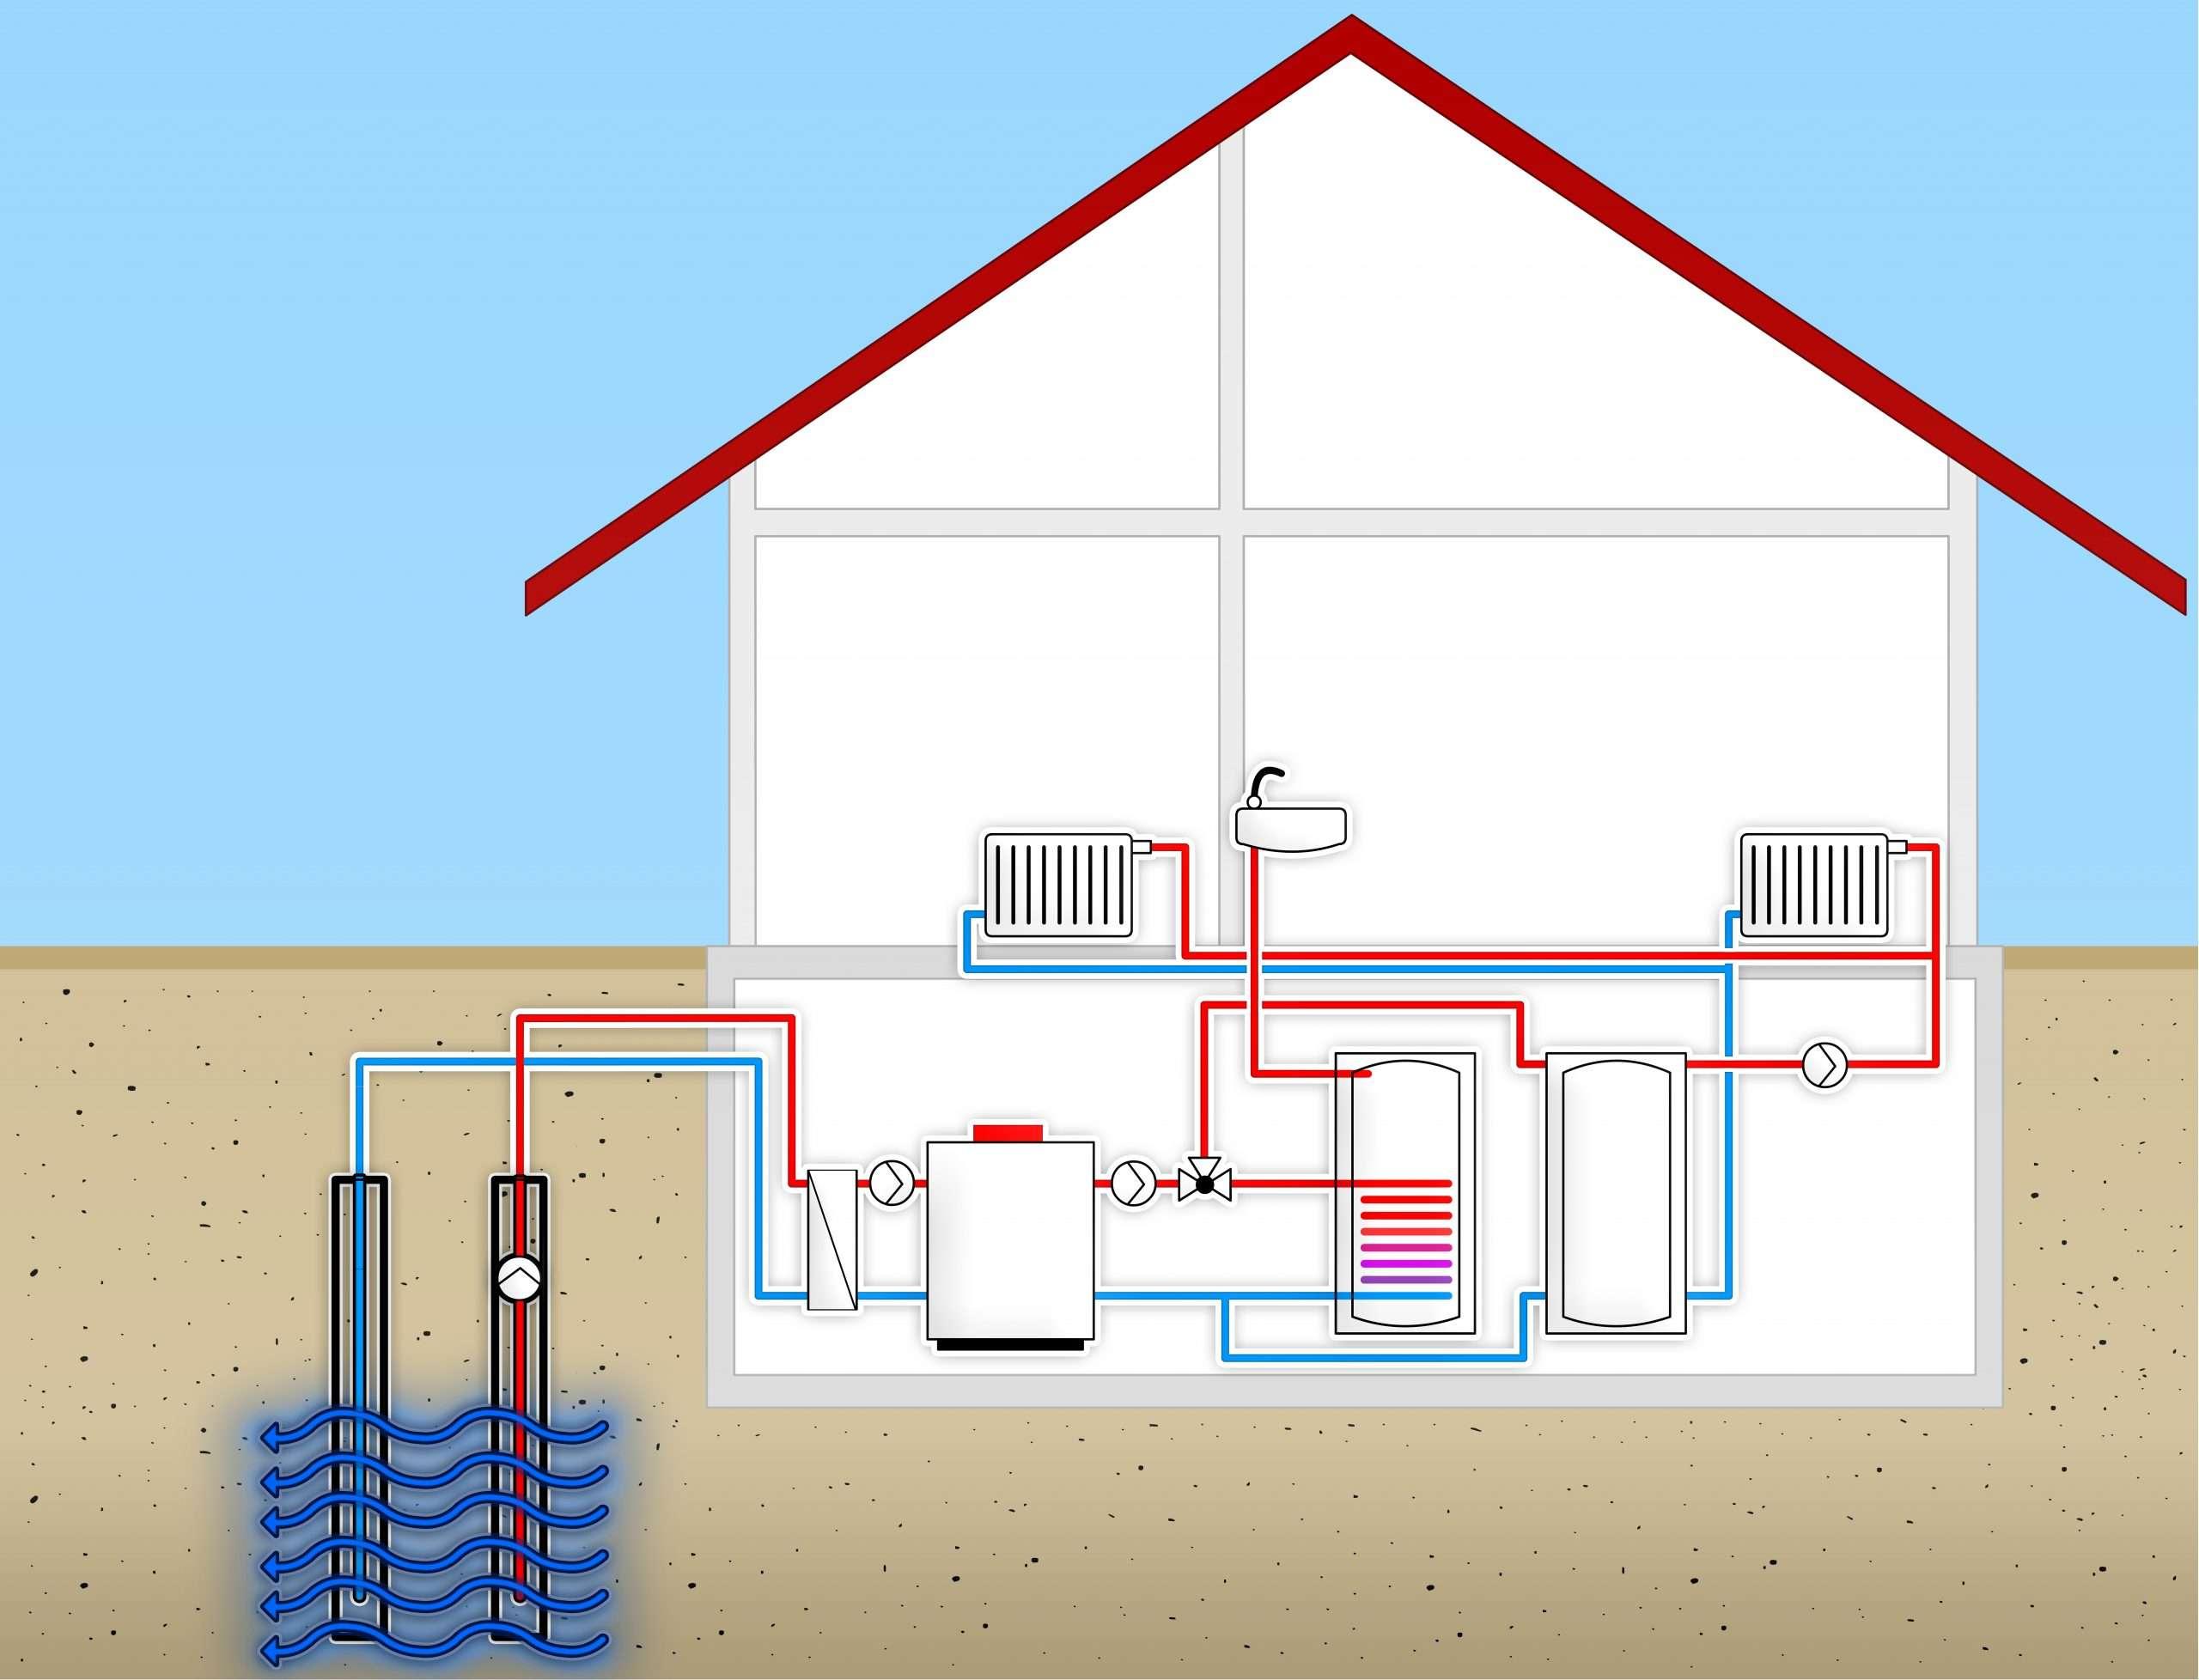 Simple scheme - Heat from ground water